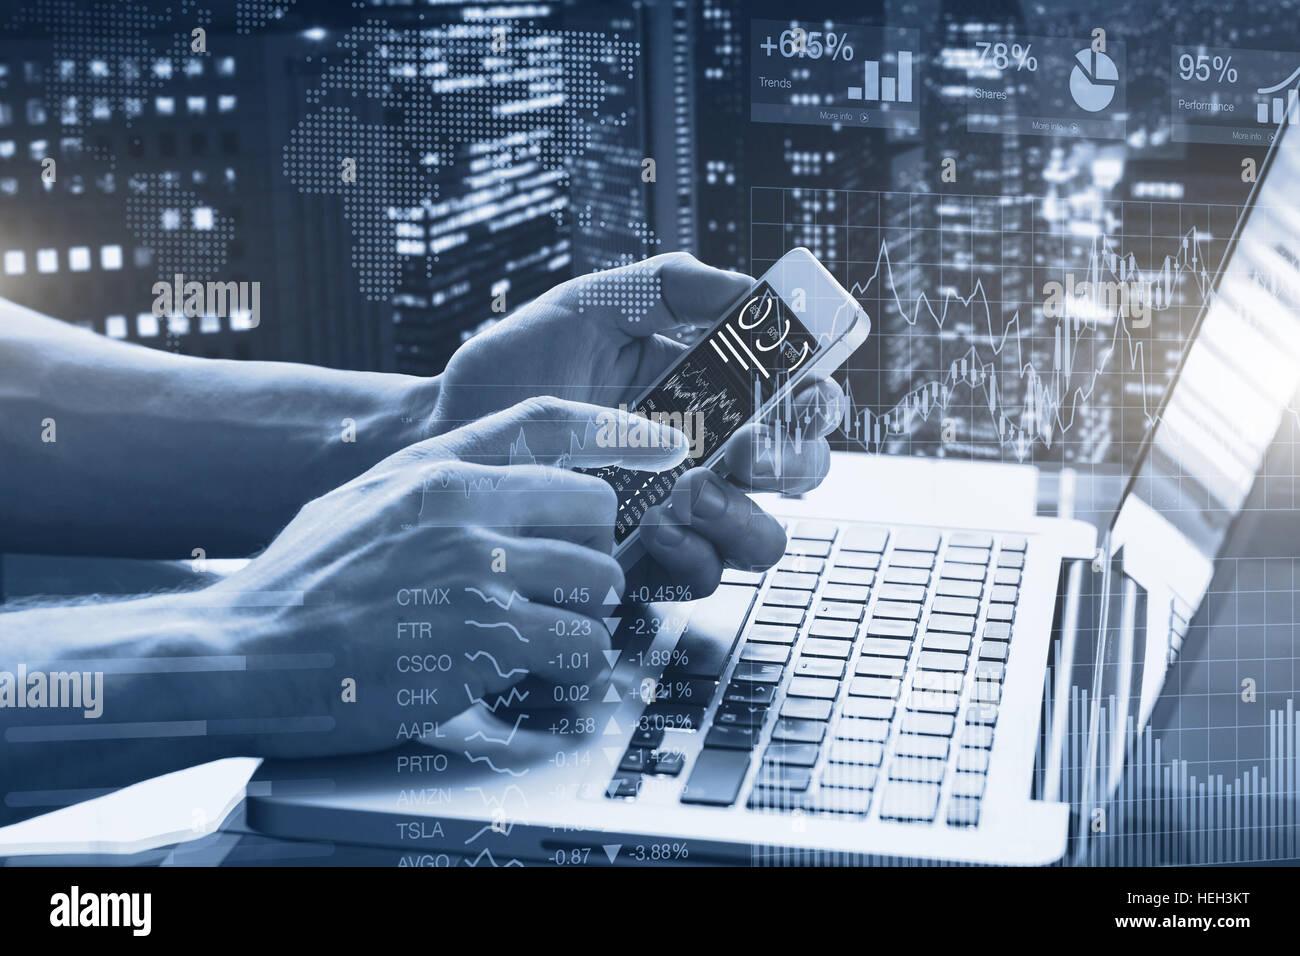 Résumé de l'exposition Double graphiques financiers, de personne d'affaires à l'office à l'aide de smartphone et ordinateur portable avec tableau de bord du marché boursier, et de la construction Banque D'Images